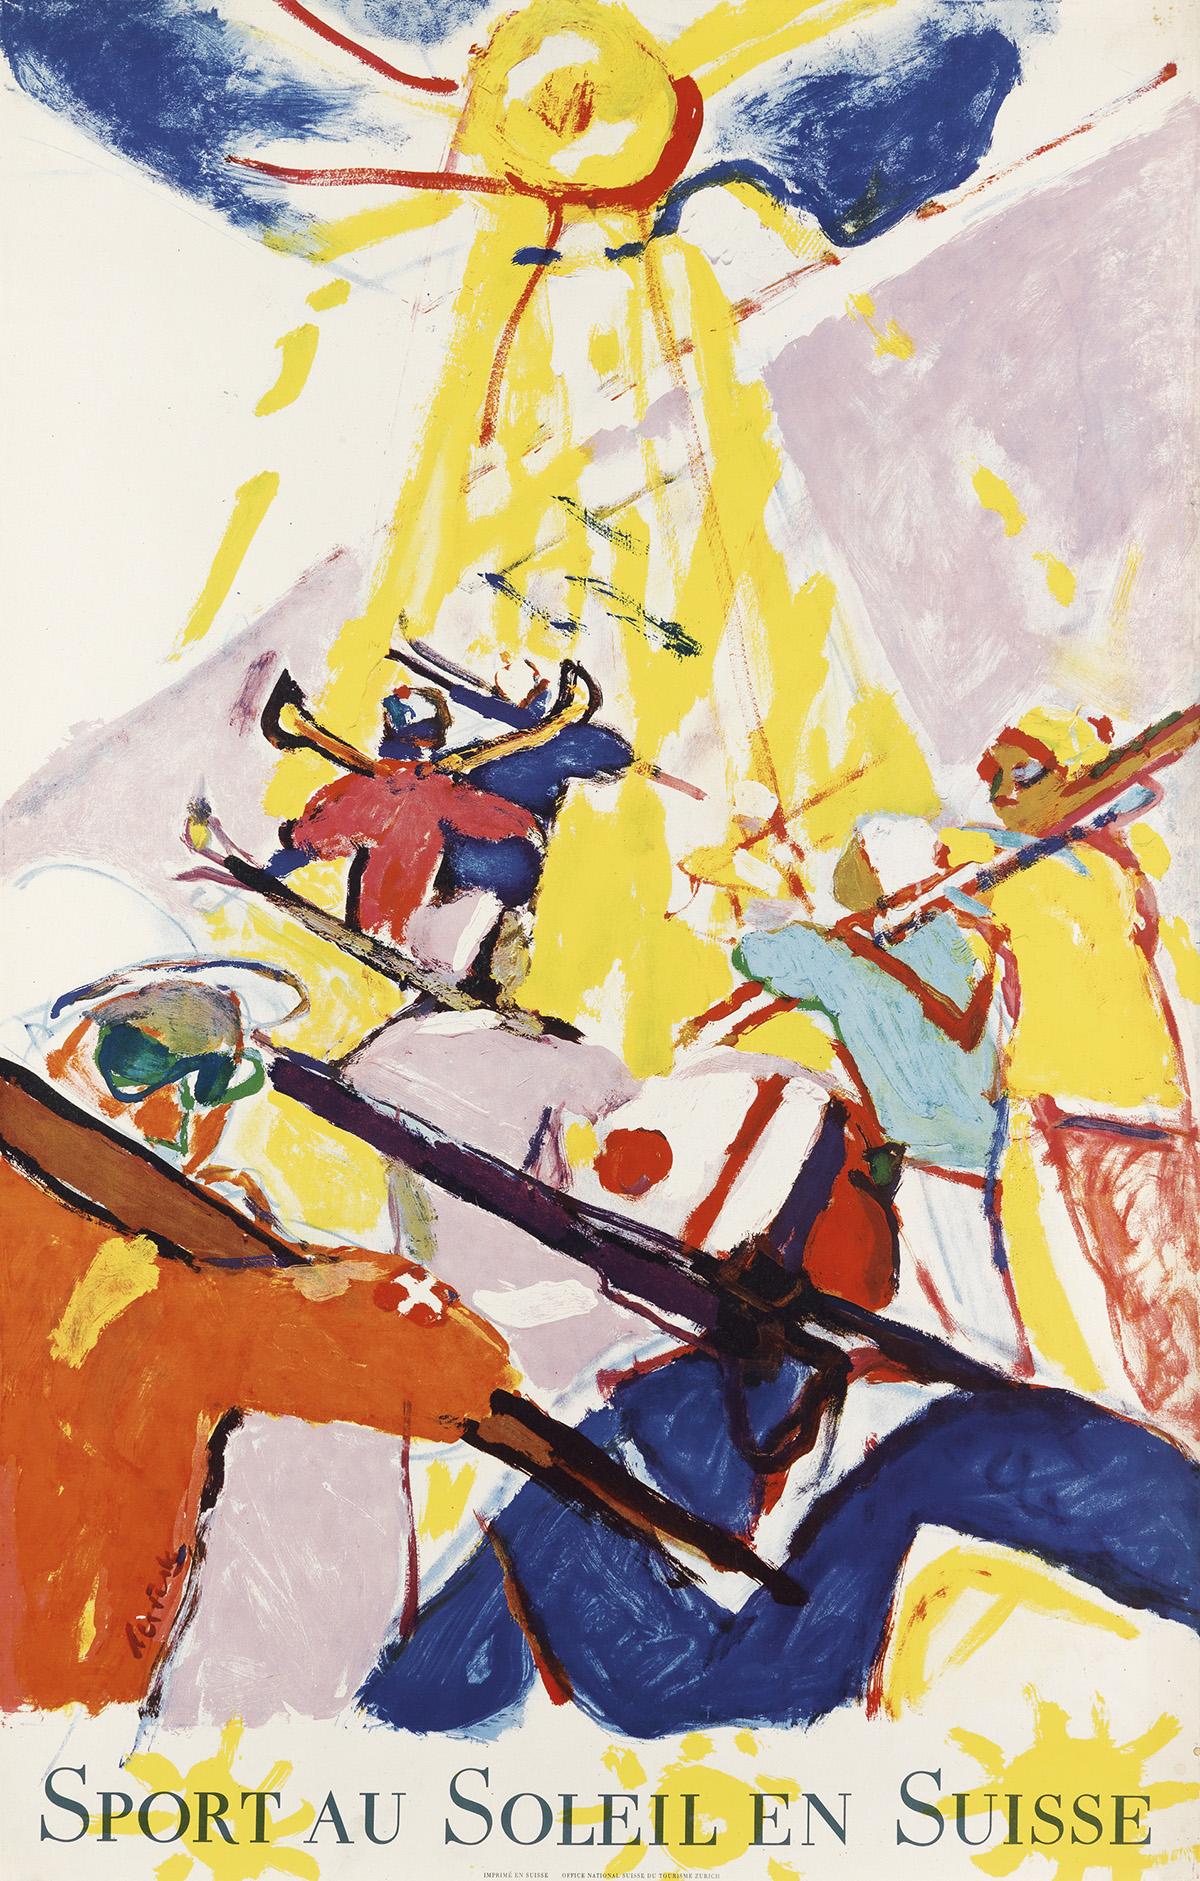 HANS-FALK-(1918-2002)-SPORT-AU-SOLEIL-EN-SUISSE-1957-39x25-i